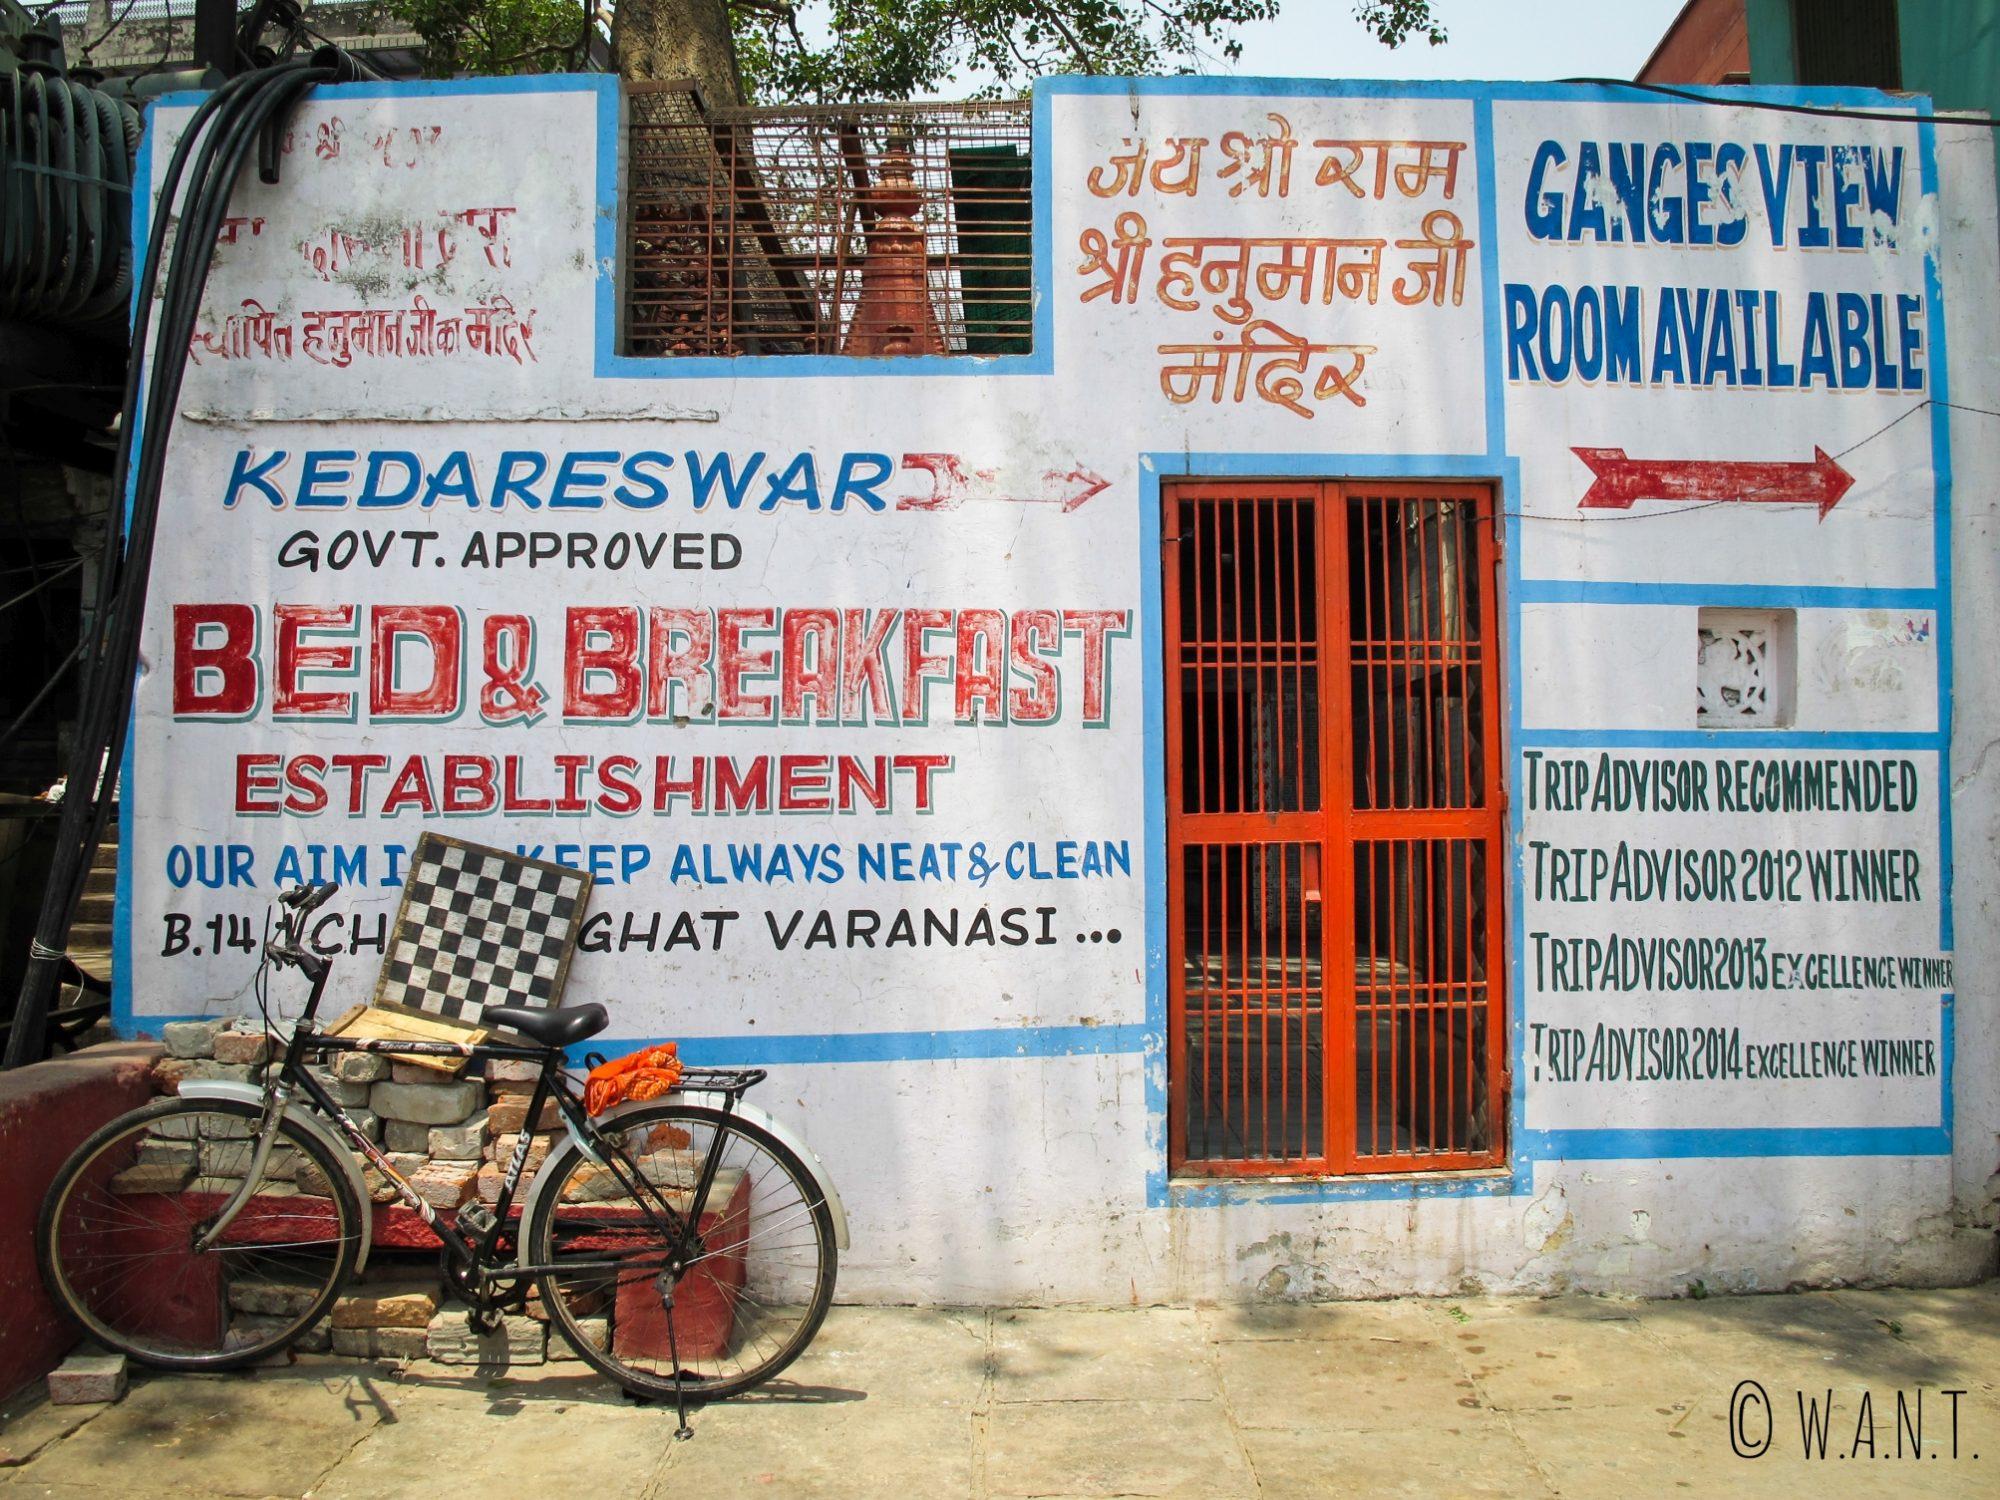 Notre hôtel, le Kedareswar, est situé sur le Chowki ghat